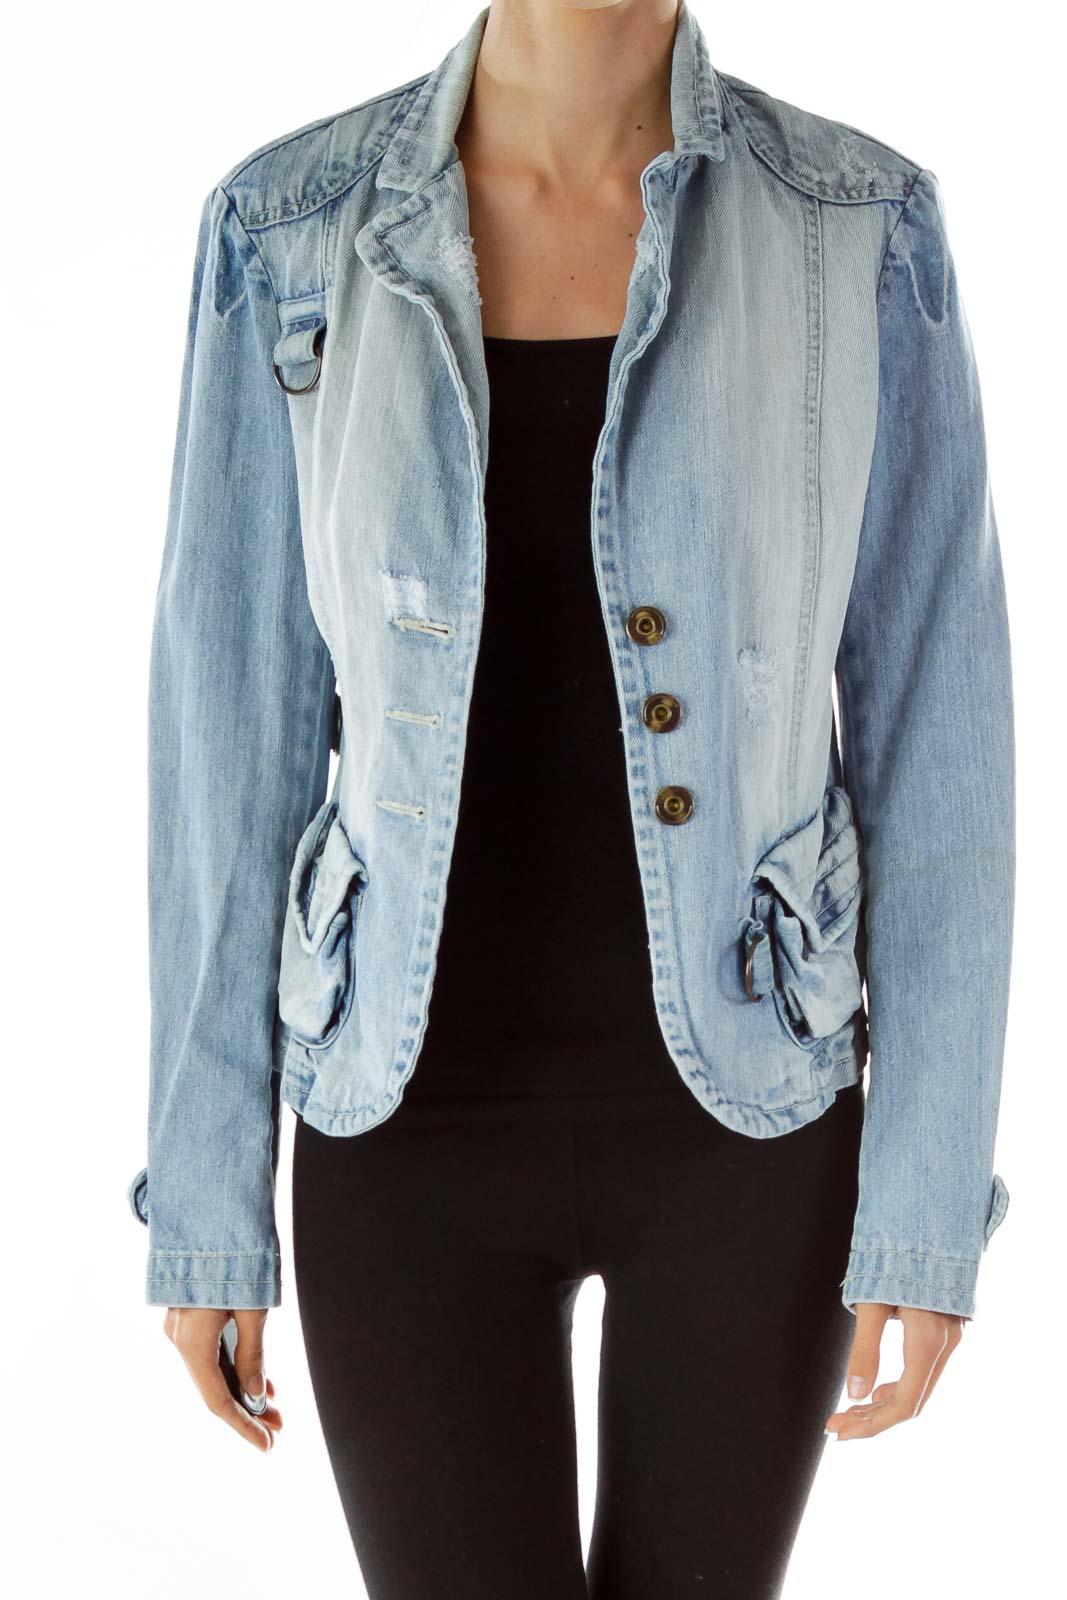 Designer Denim Fitted Jacket Front